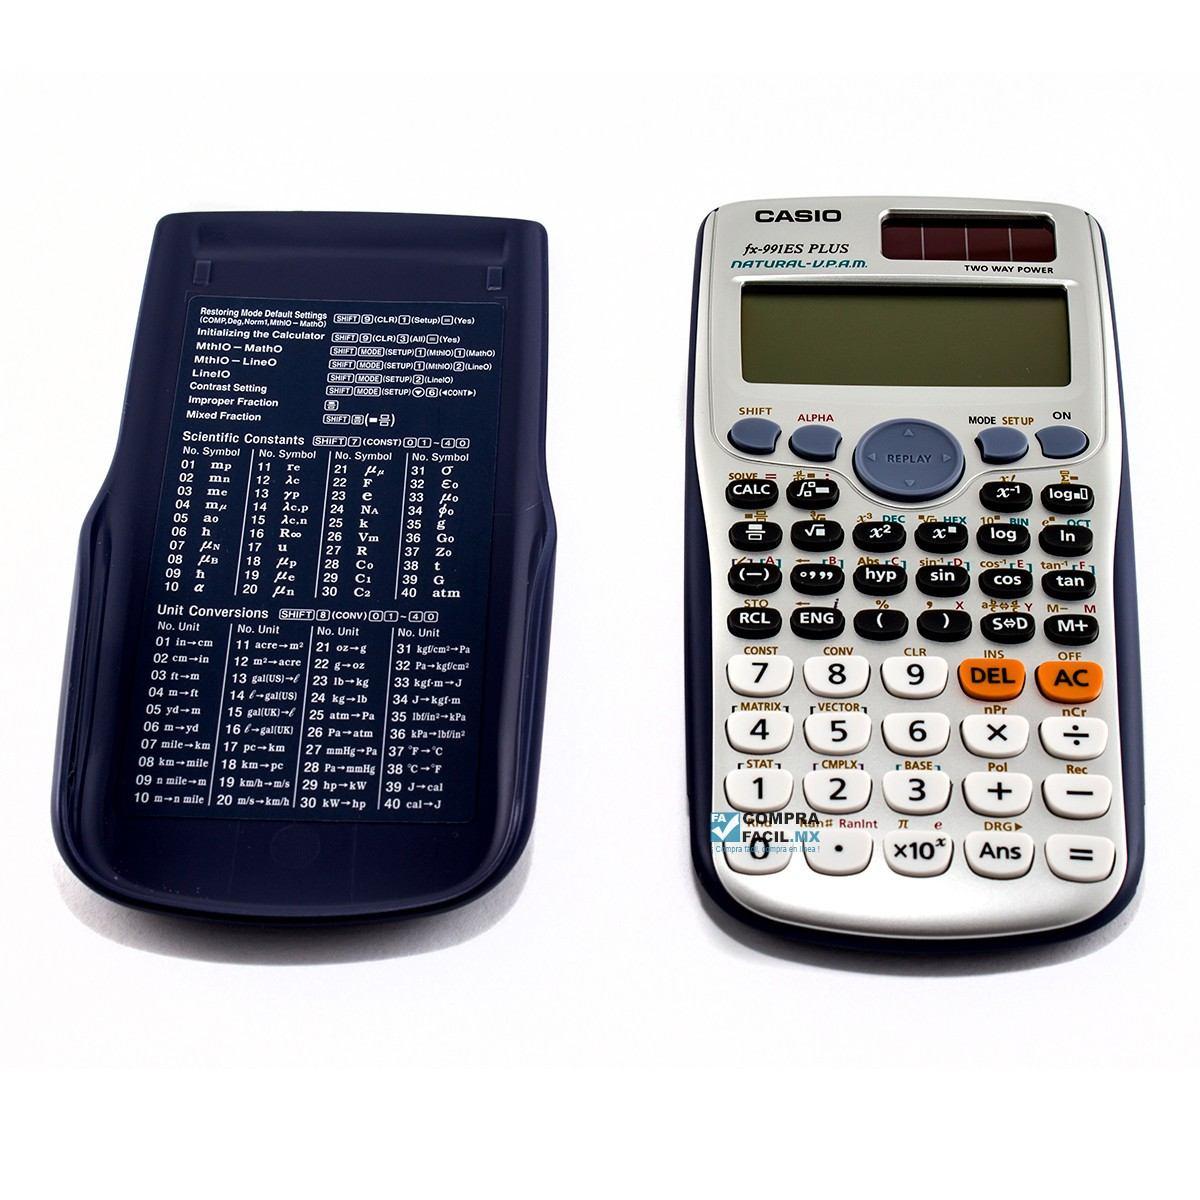 dd8ac417d5b Calculadora Científica Casio Fx-991es Plus Com 417 Funções - R  109 ...